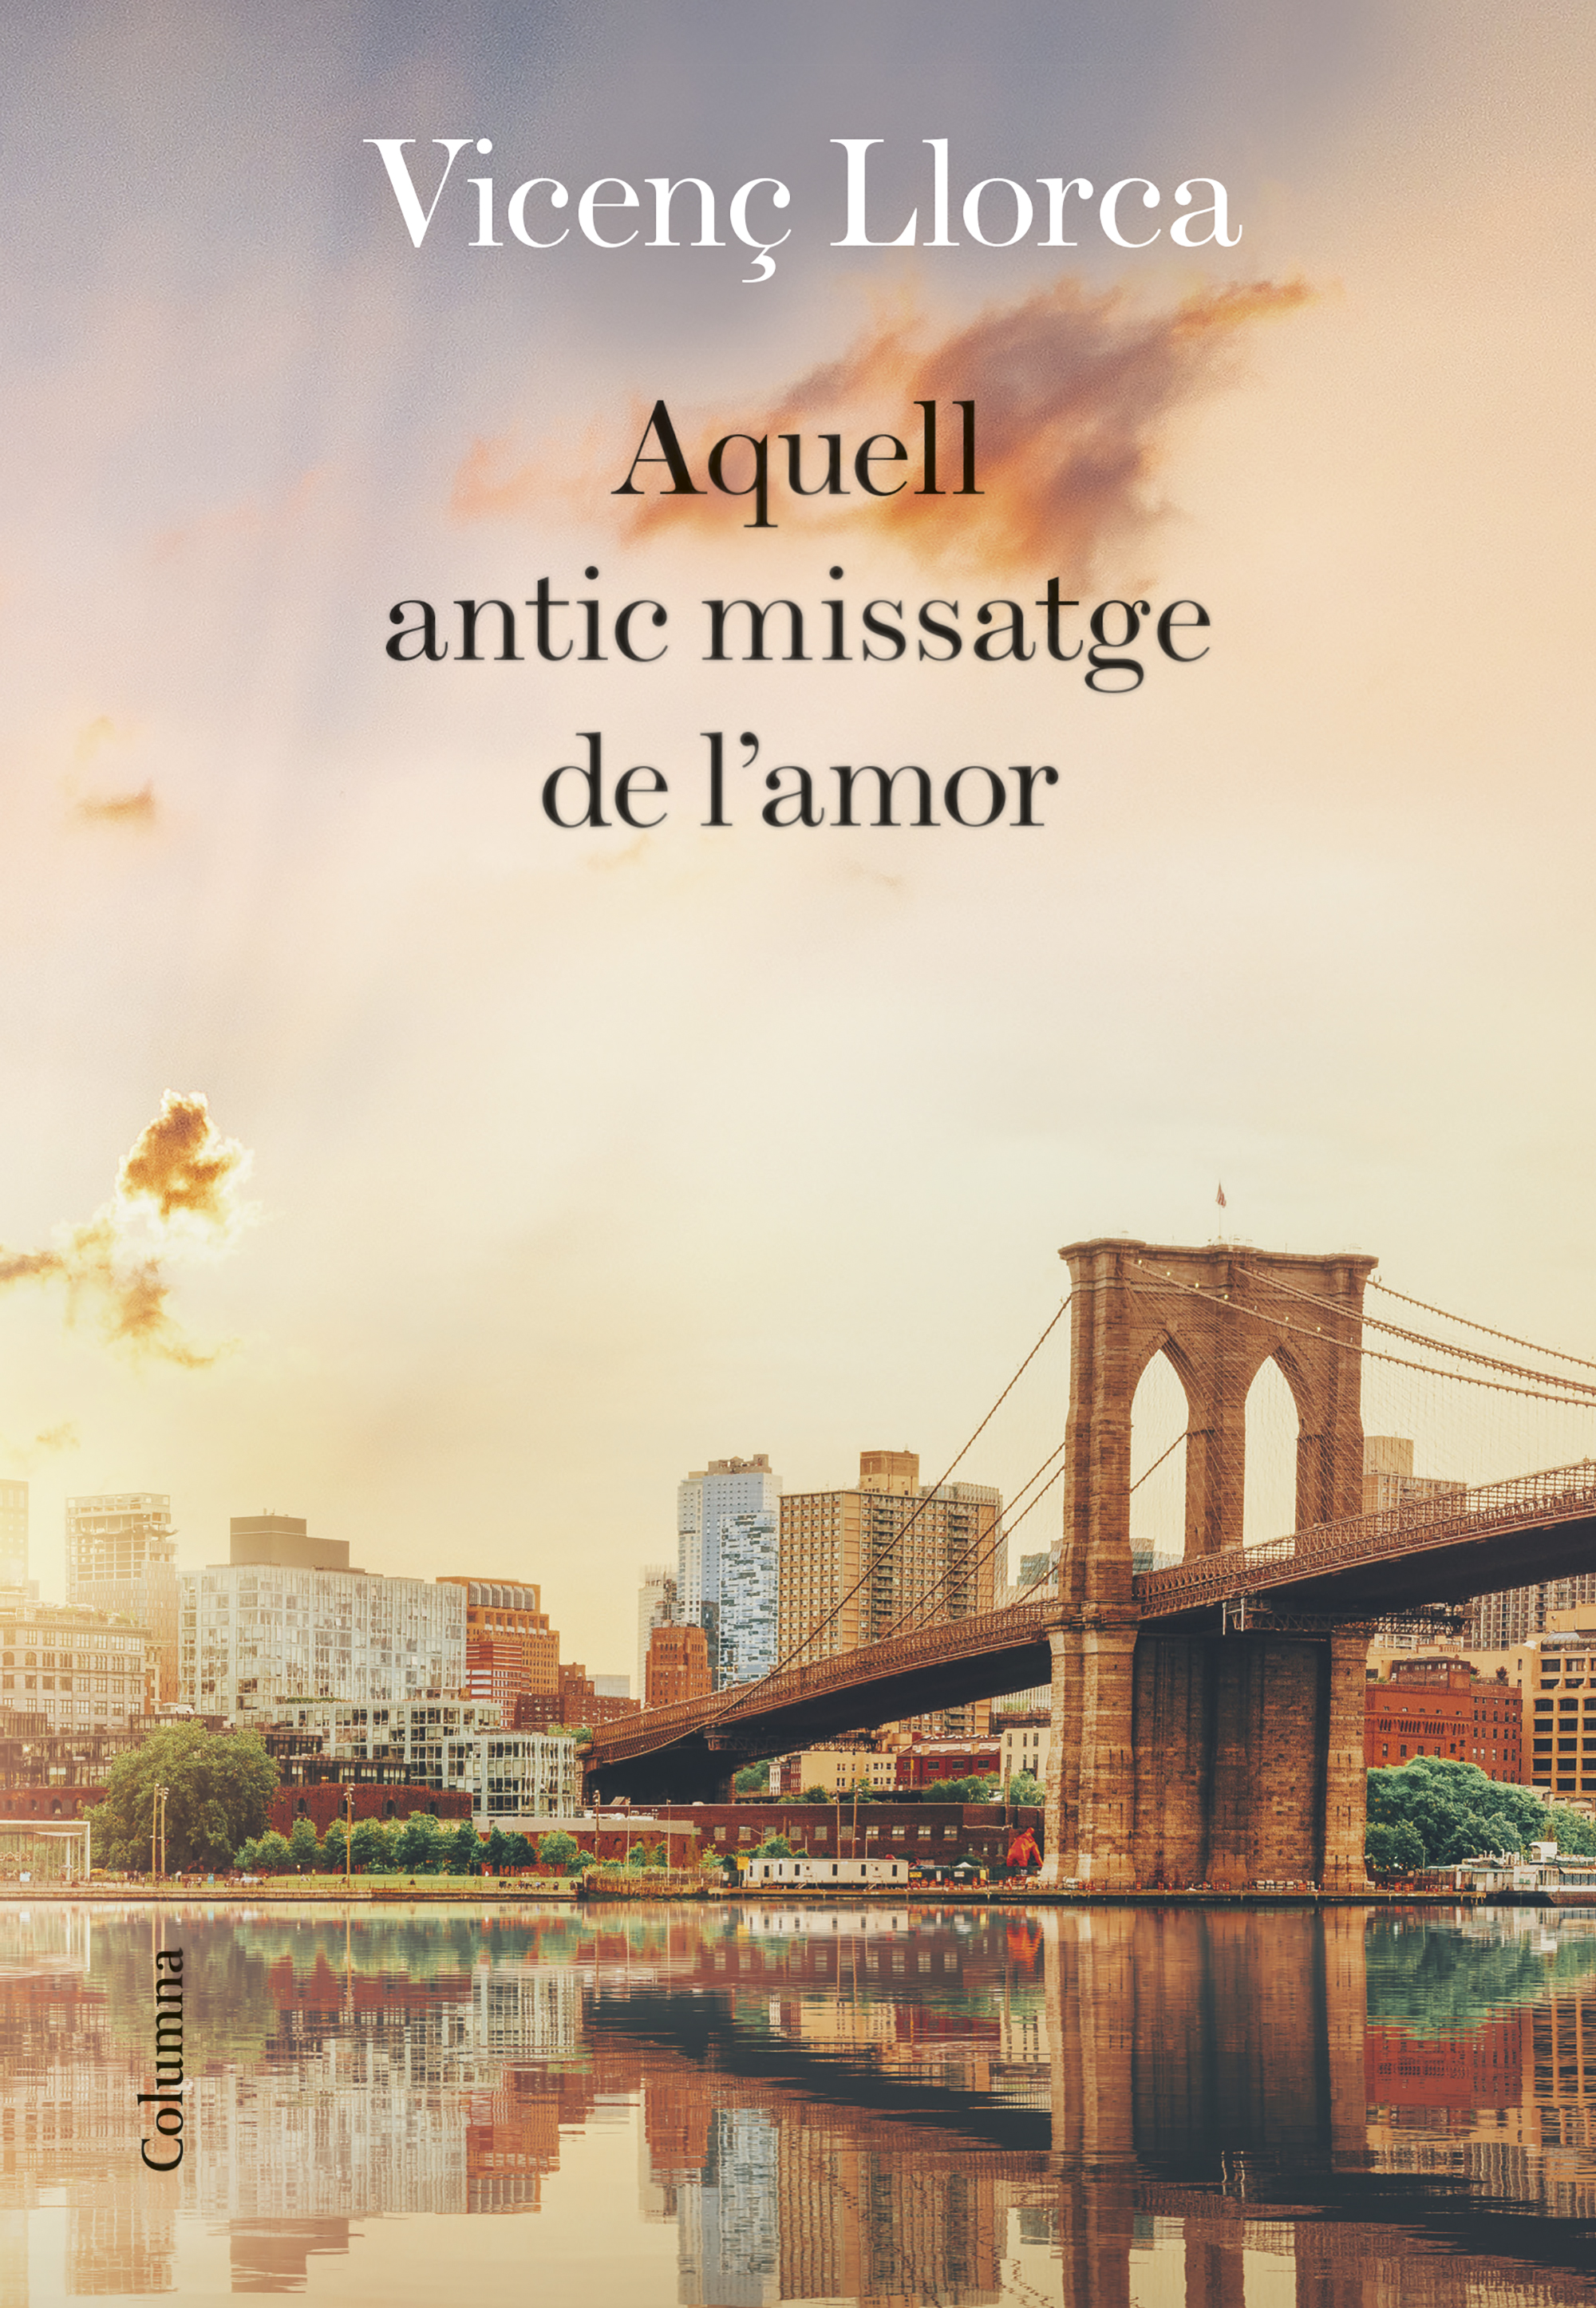 Portada de la novel·la de Vicenç Llorca, «Aquell antic missatge de l'amor»